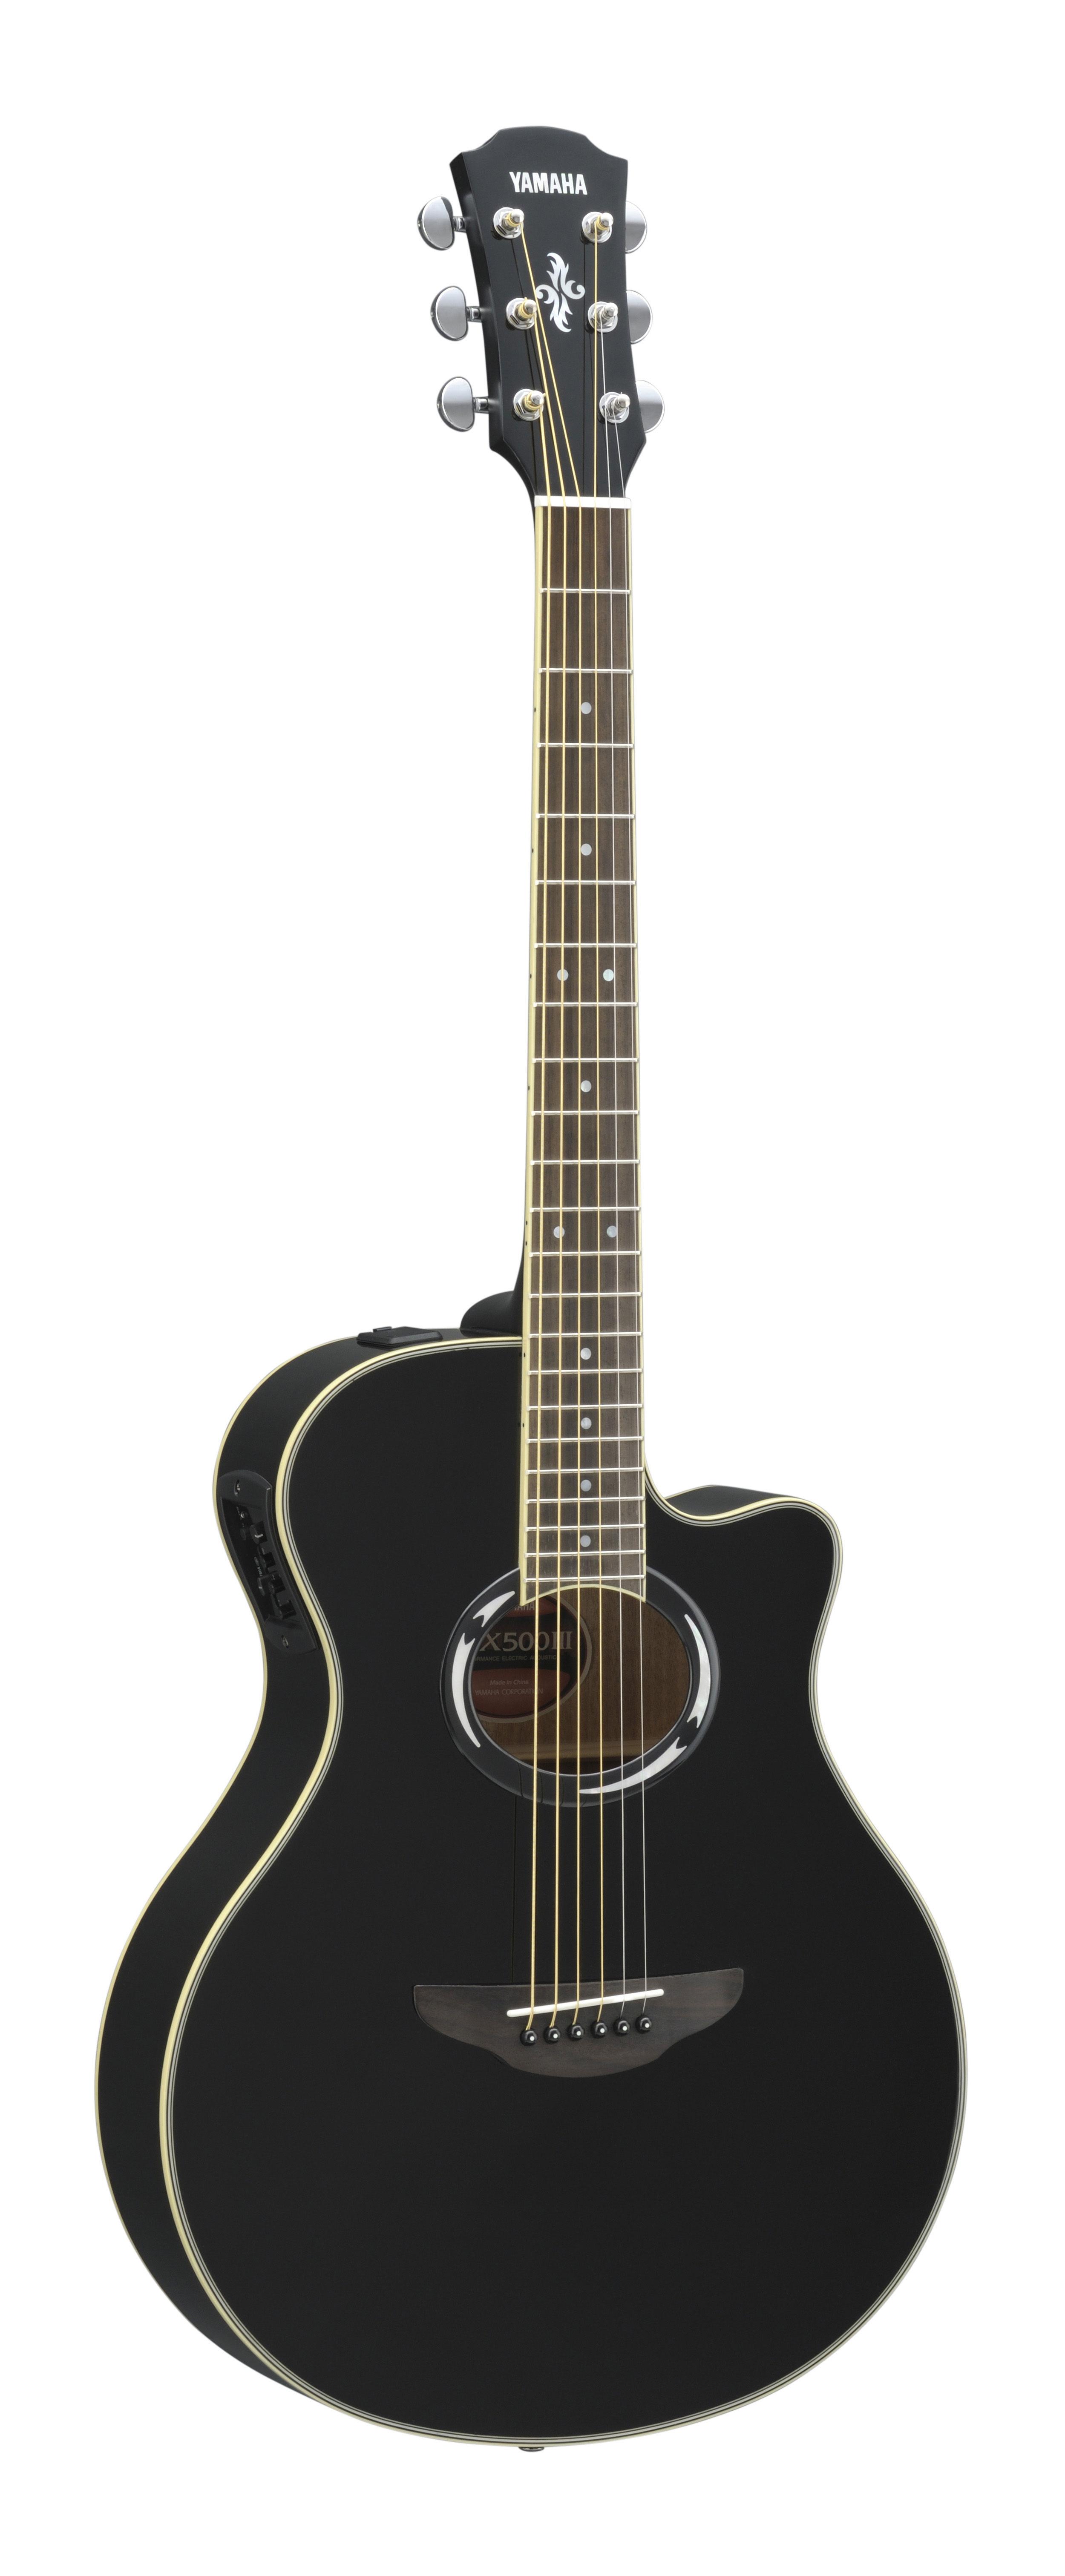 Yamaha - APX500IIIBL - Black